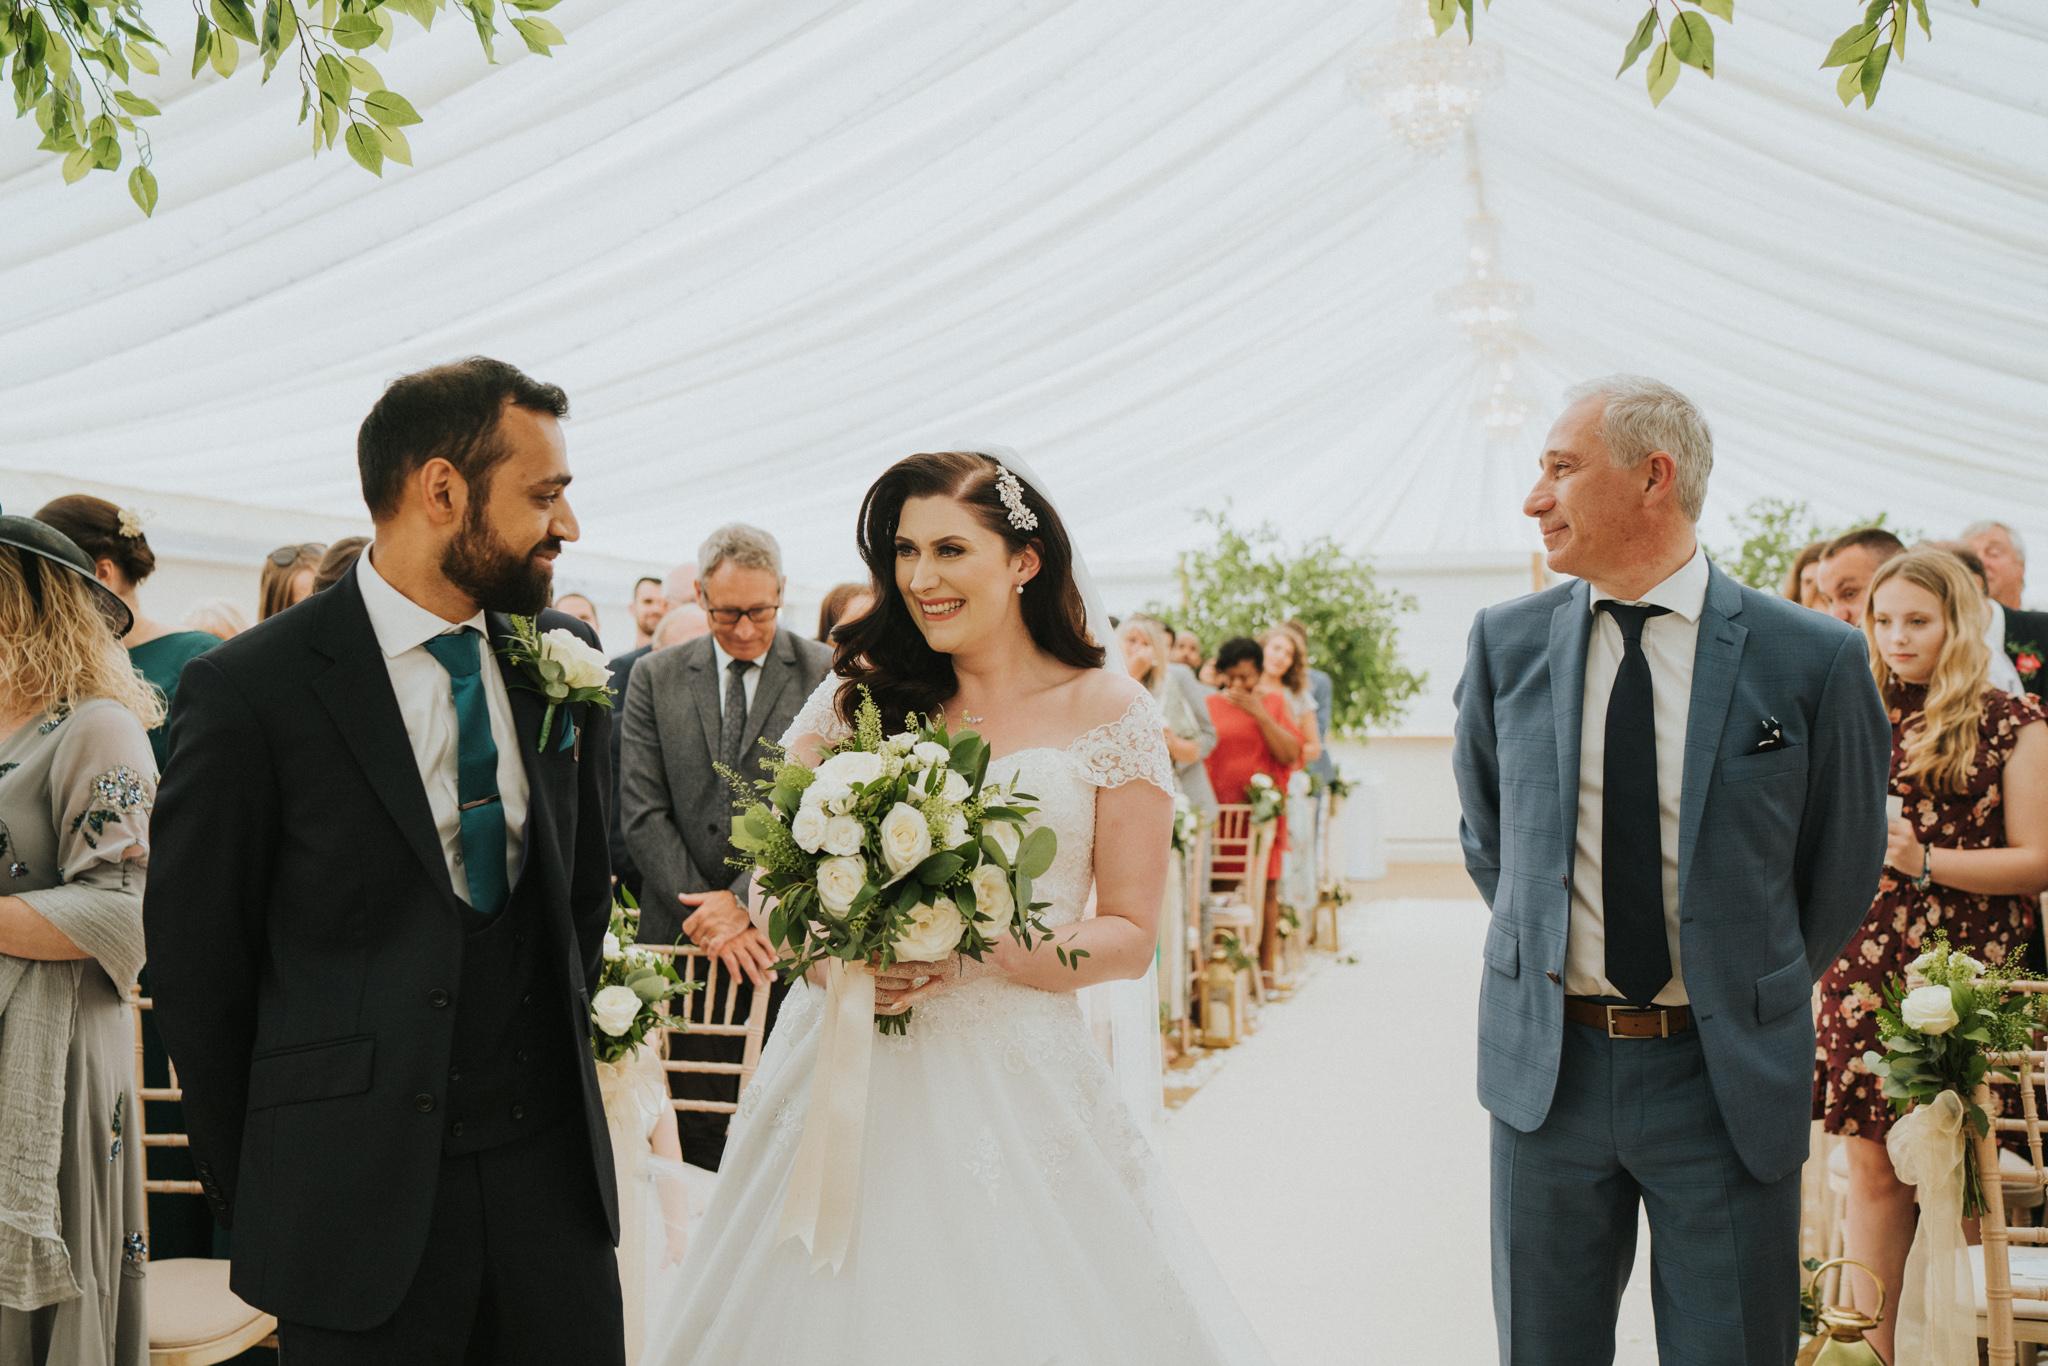 lizzie-faz-fennes-asian-fusion-wedding-grace-elizabeth-colchester-essex-alternative-wedding-lifestyle-photographer-essex-suffolk-norfolk-devon (23 of 55).jpg